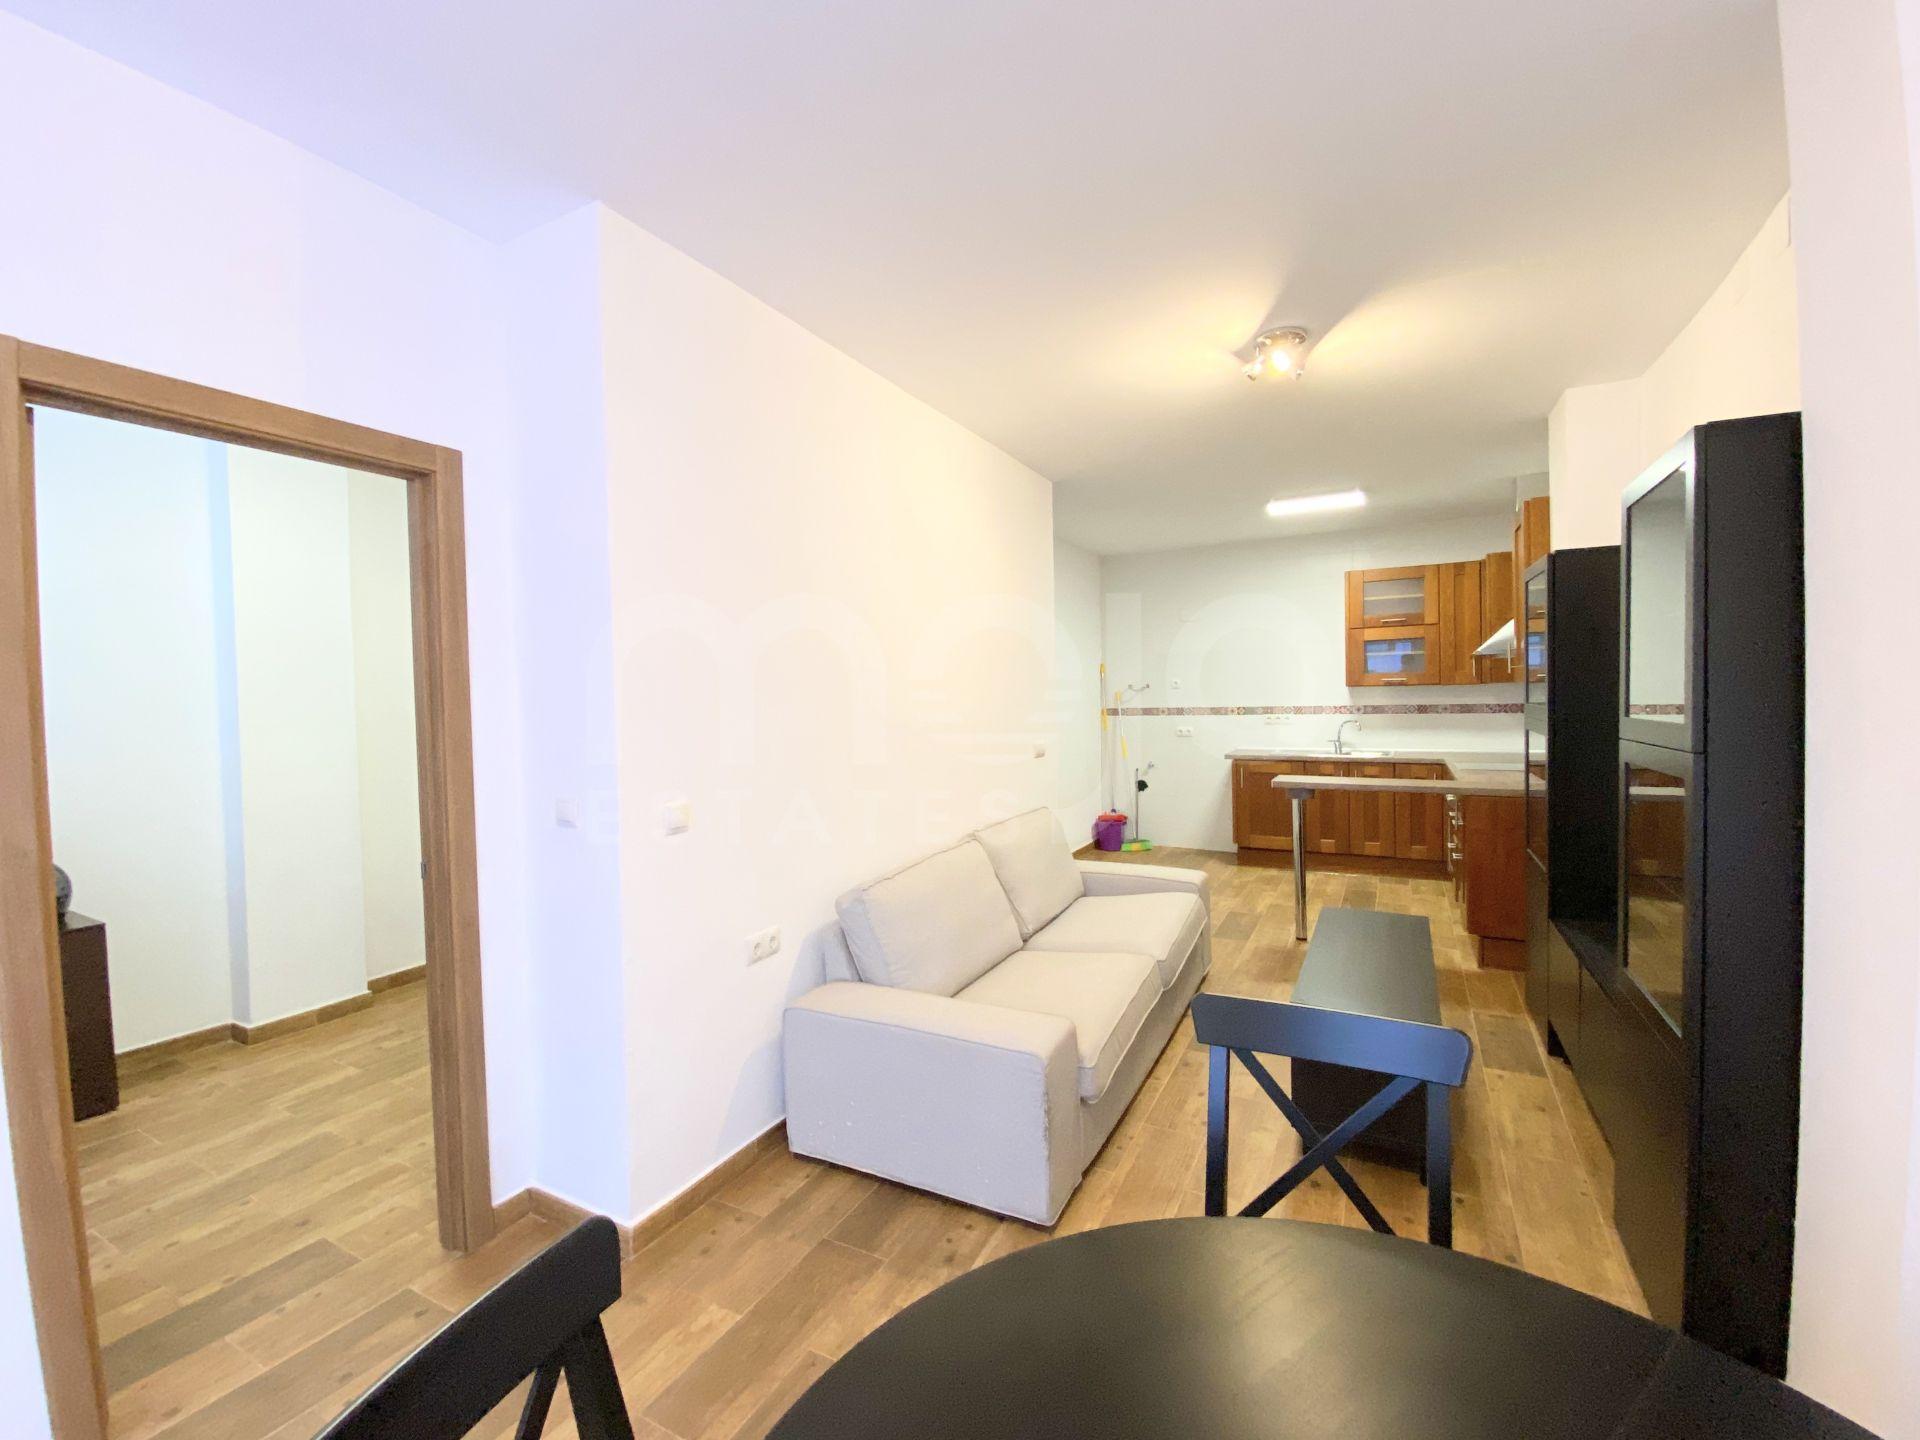 Appartement rez de chaussée à vendre dans Girón - Las Delicias - Tabacalera, Malaga - Carretera de Cádiz